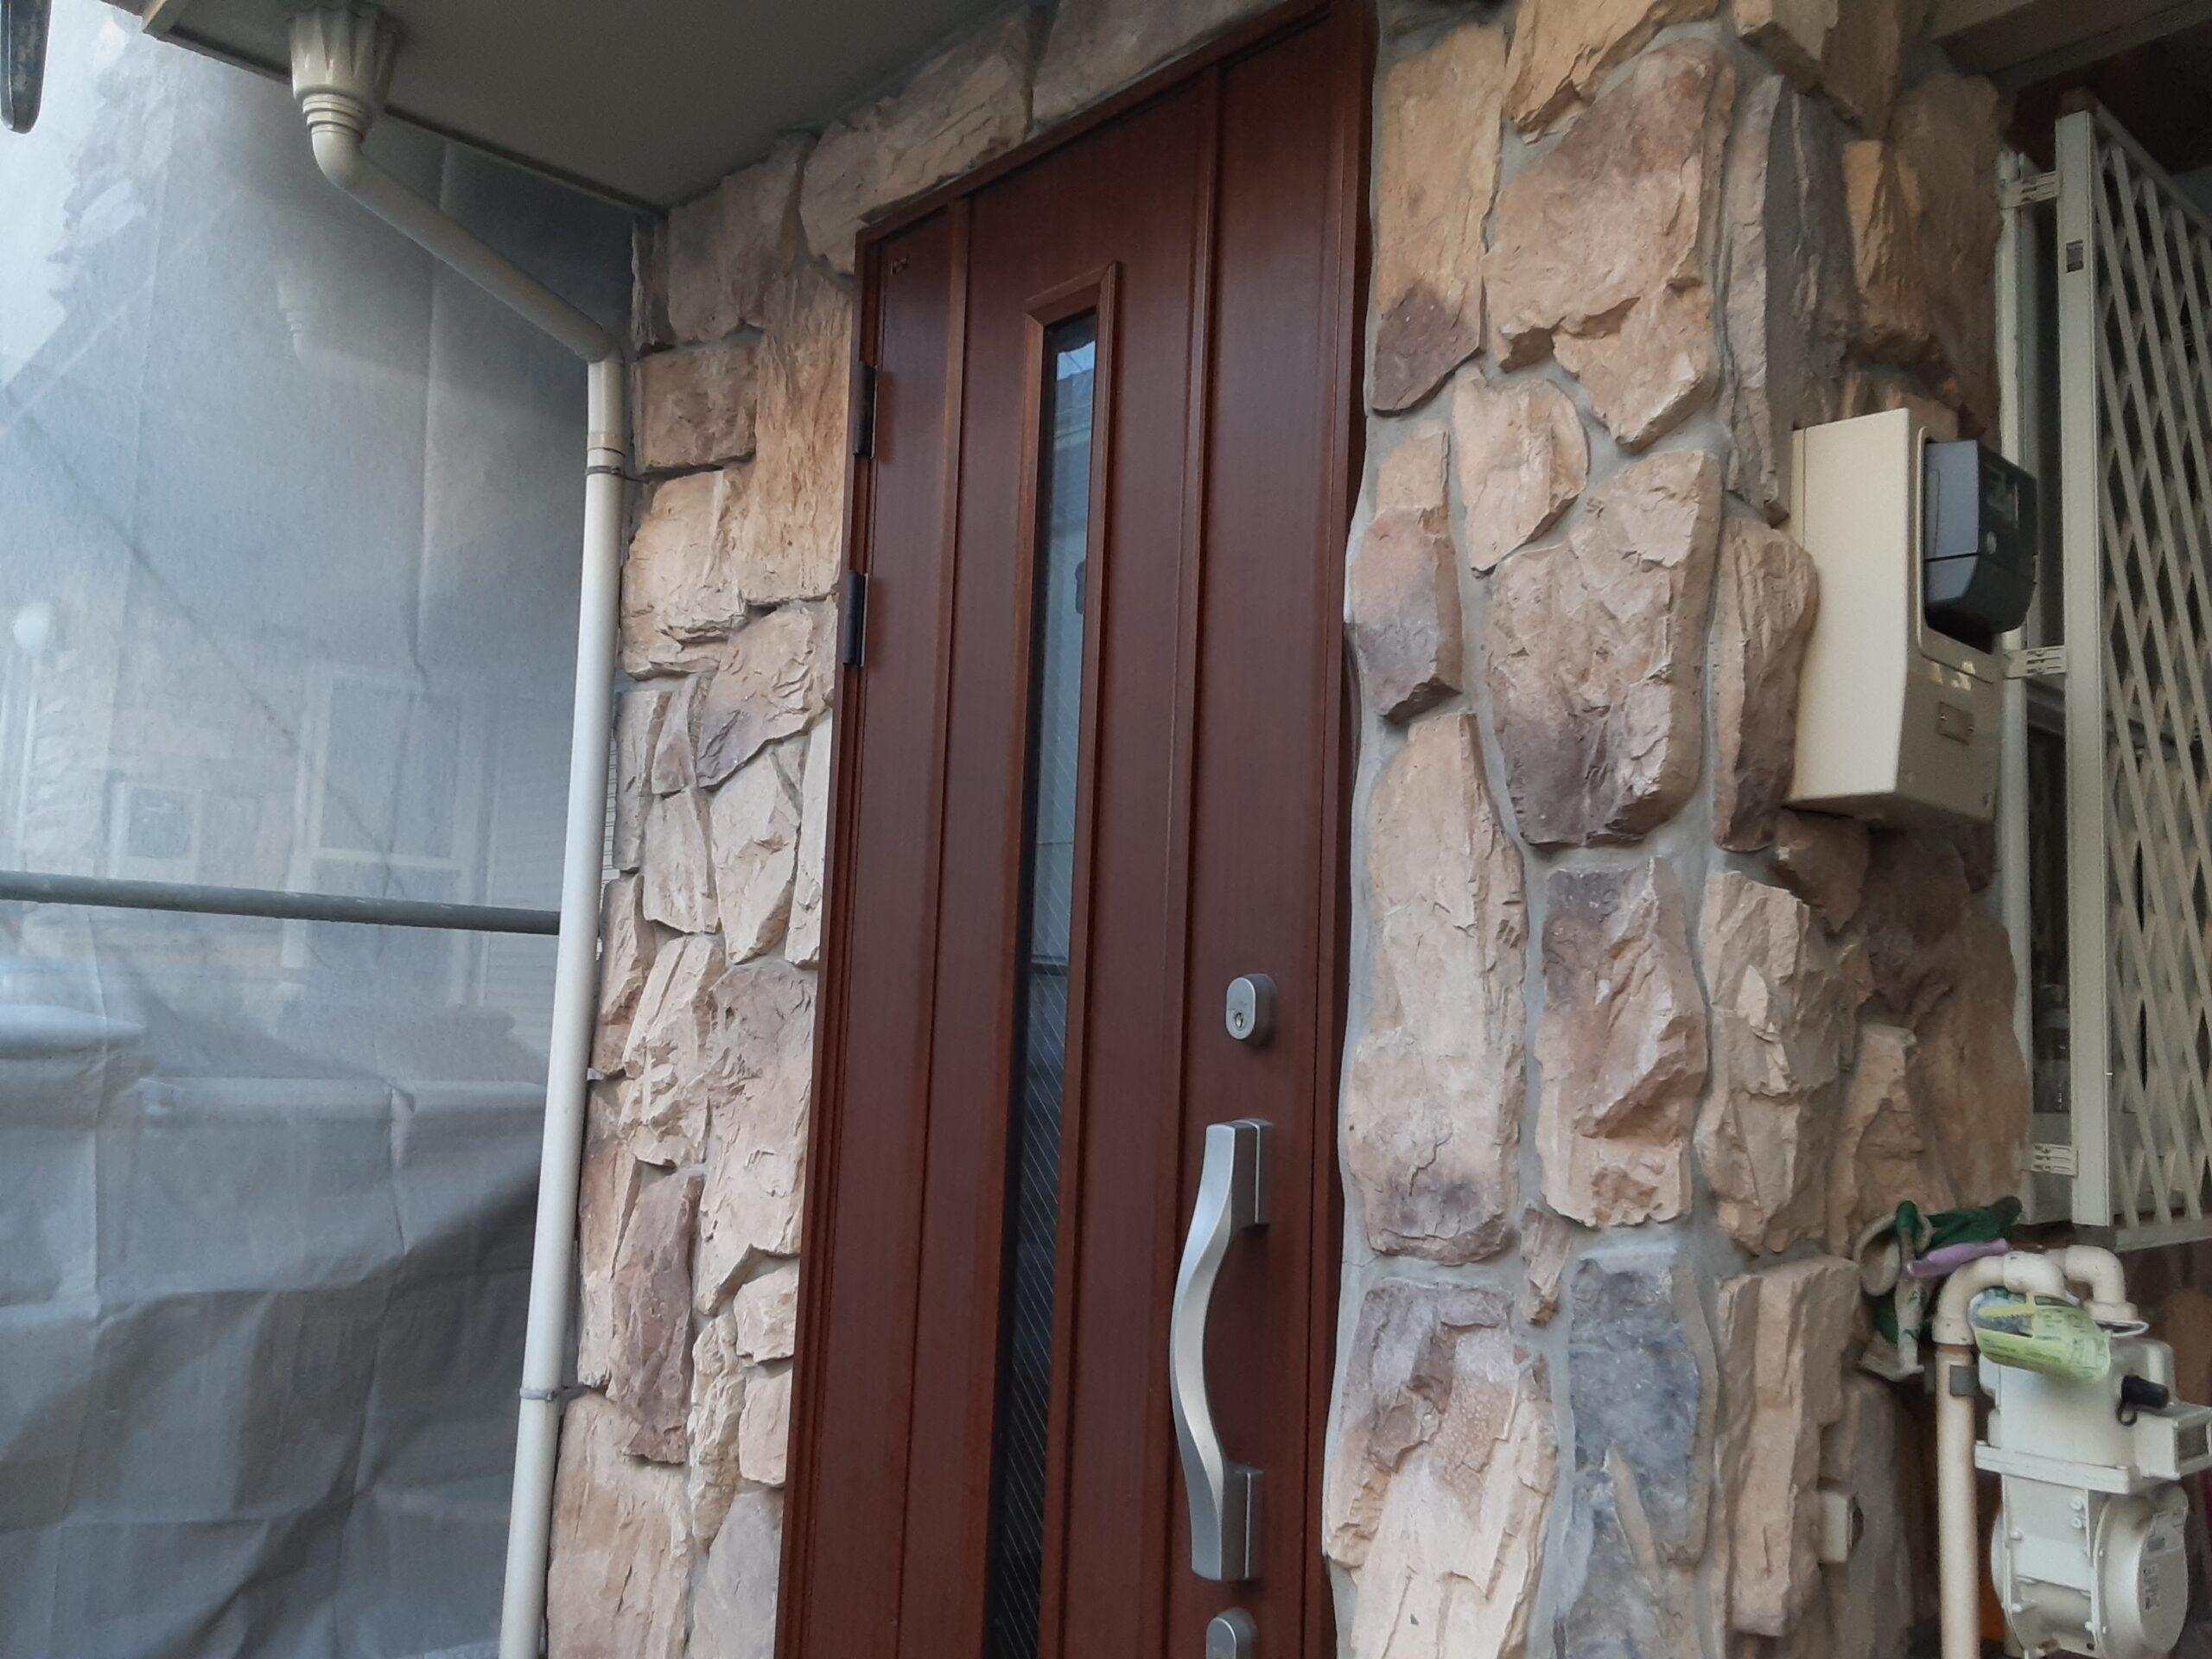 埼玉県さいたま市桜区のW様邸(木造3階建て)にてコーキングの打ち替え・外壁の養生作業